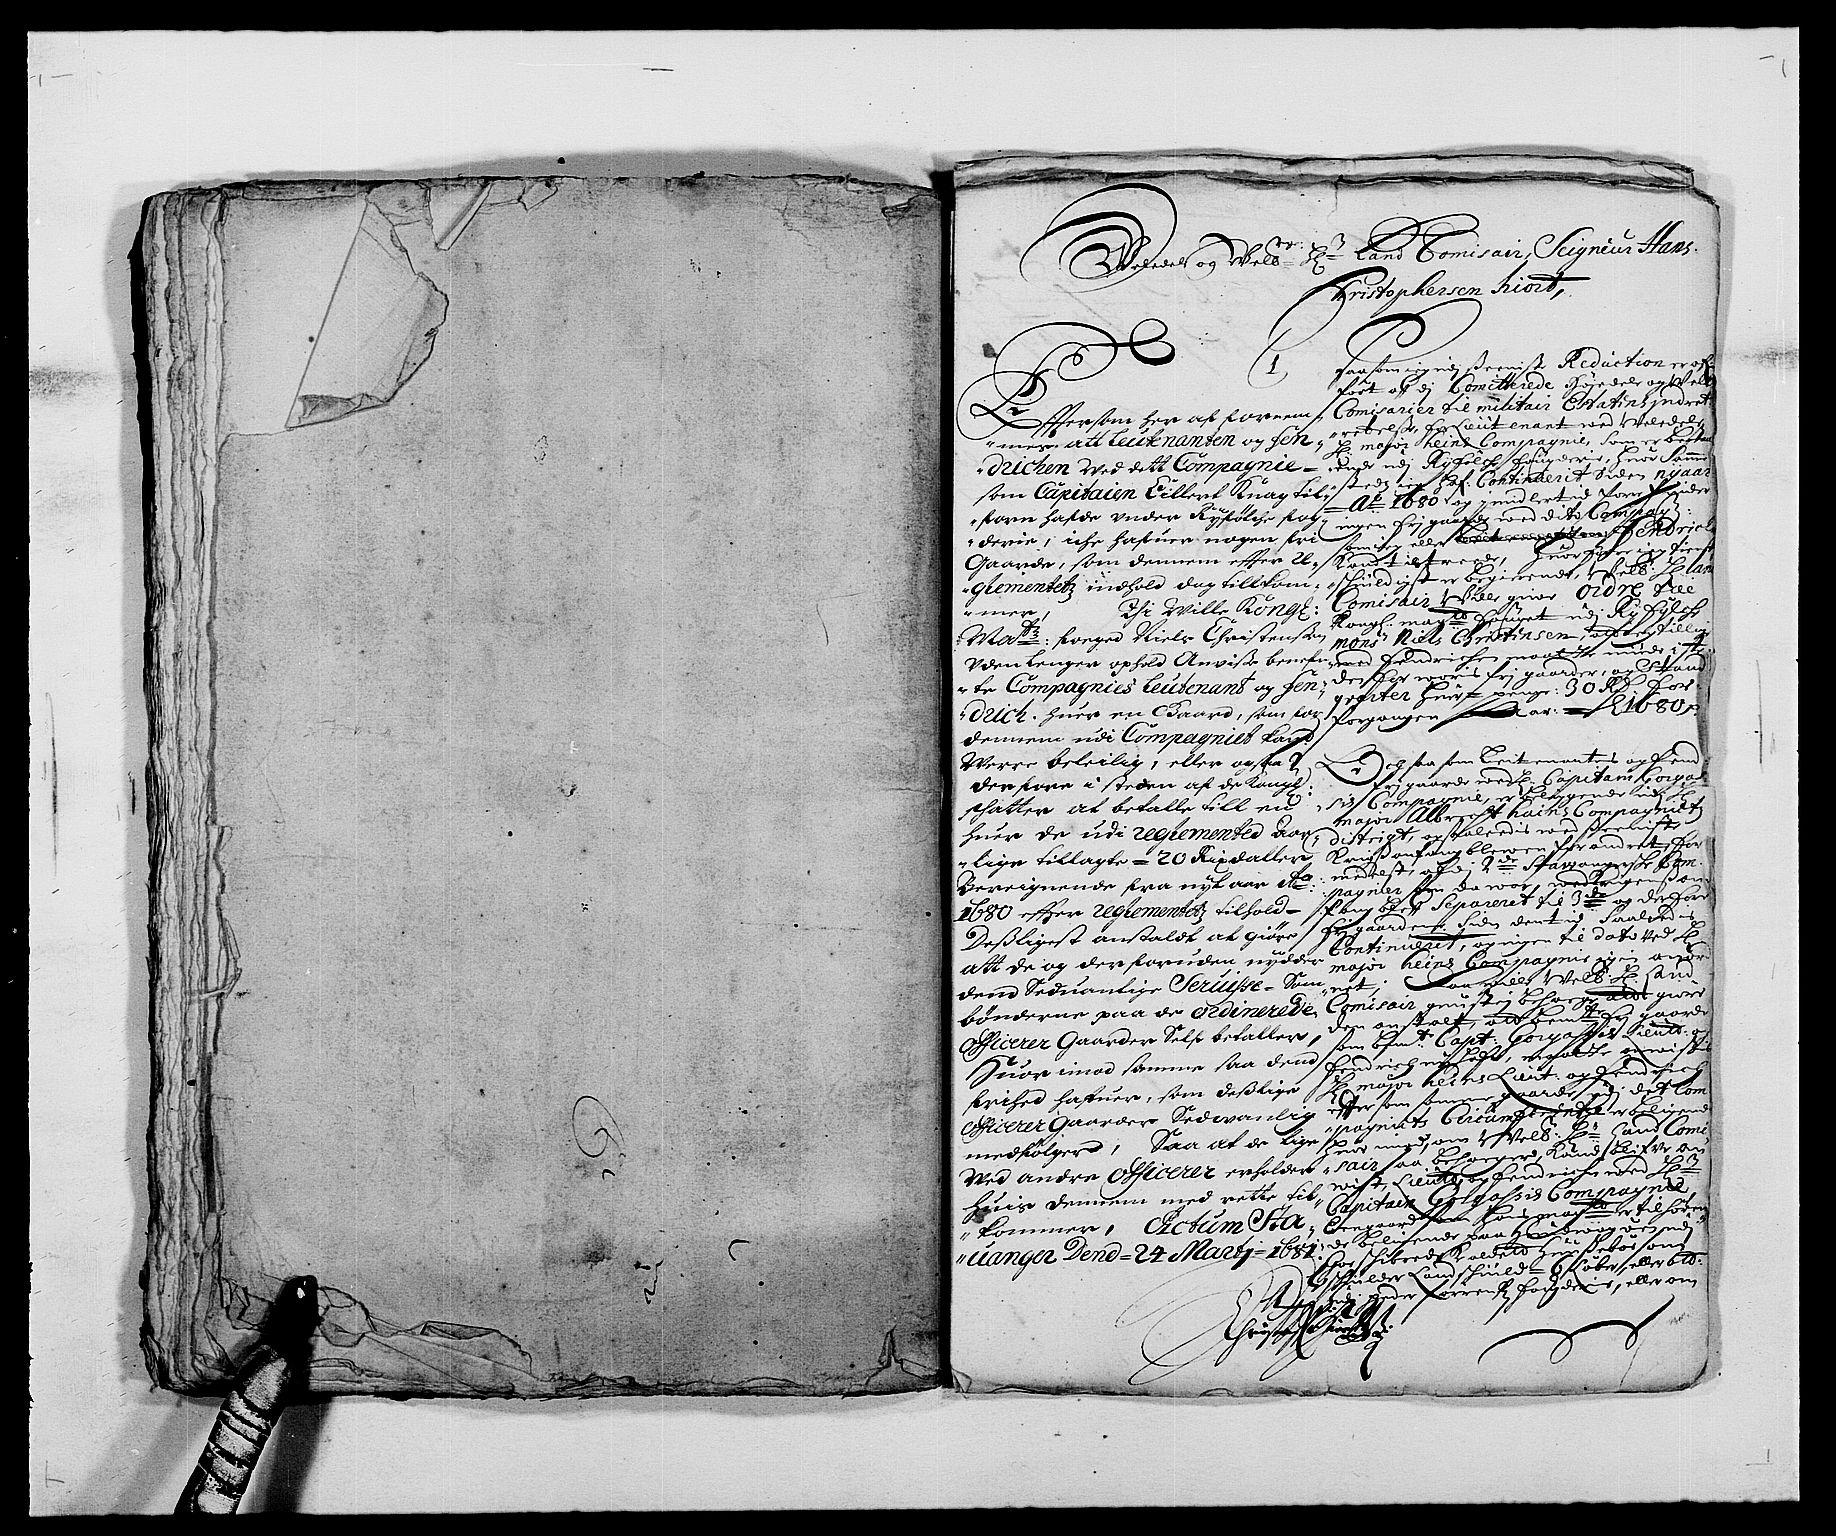 RA, Rentekammeret inntil 1814, Reviderte regnskaper, Fogderegnskap, R47/L2850: Fogderegnskap Ryfylke, 1680, s. 209